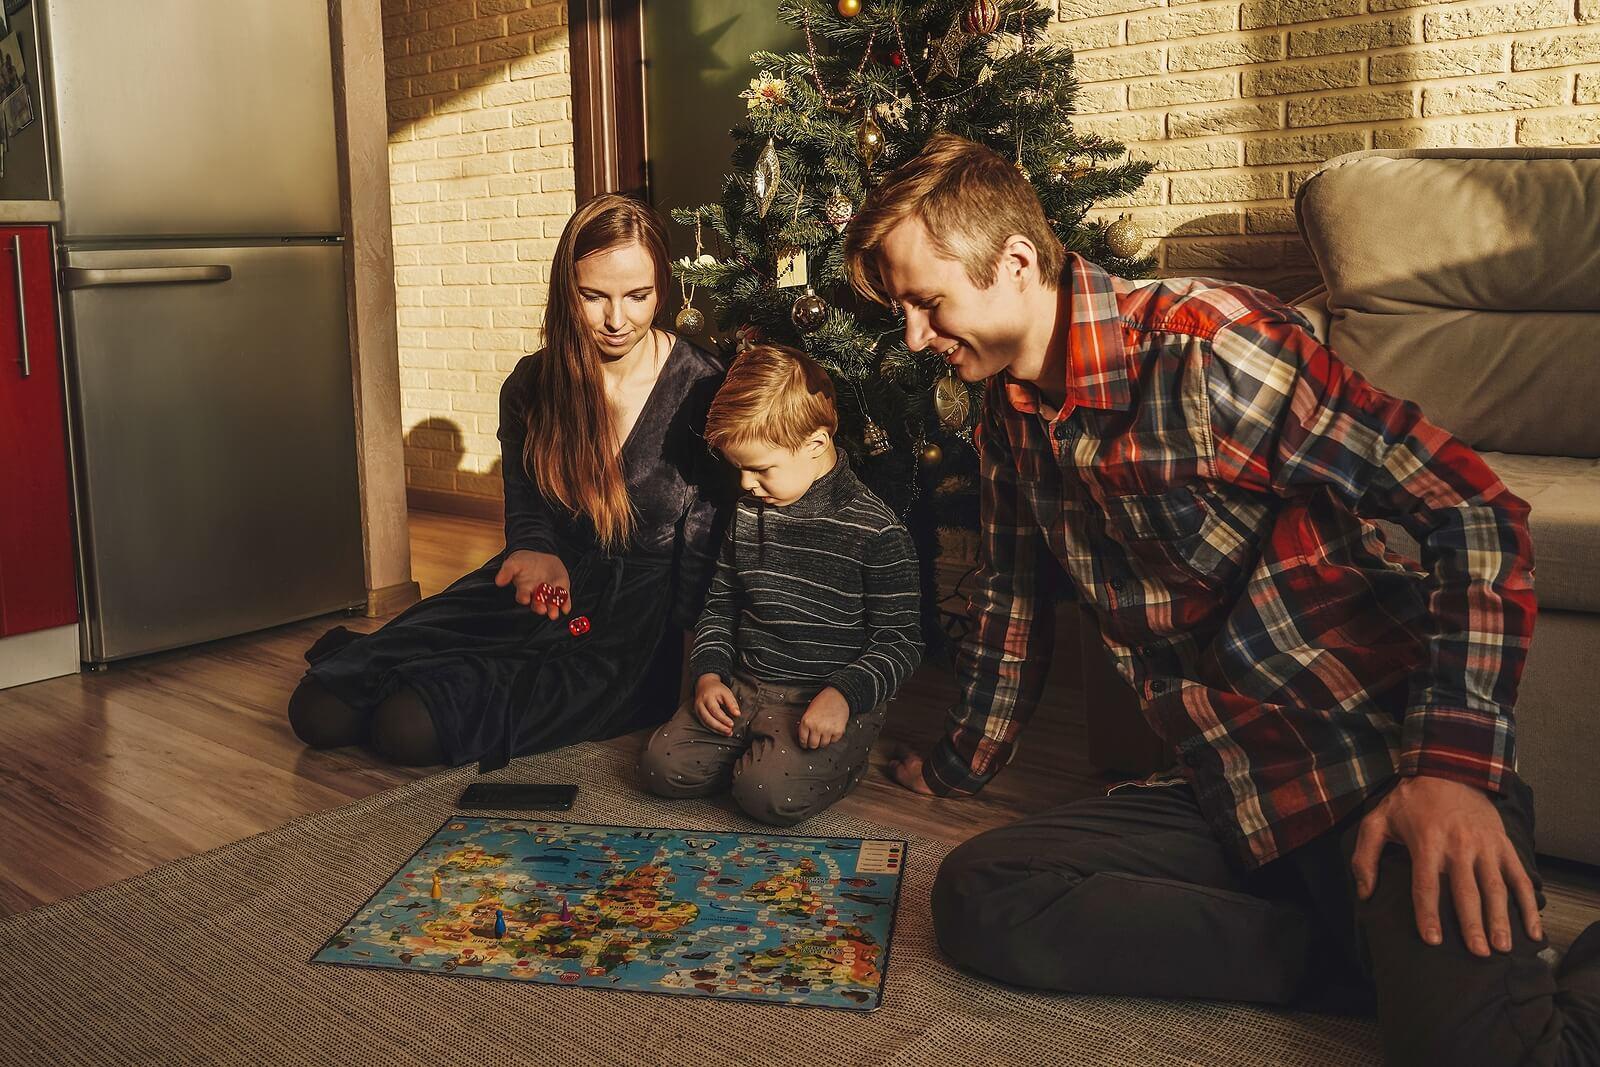 Familia con juegos para disfrutar de la Navidad.